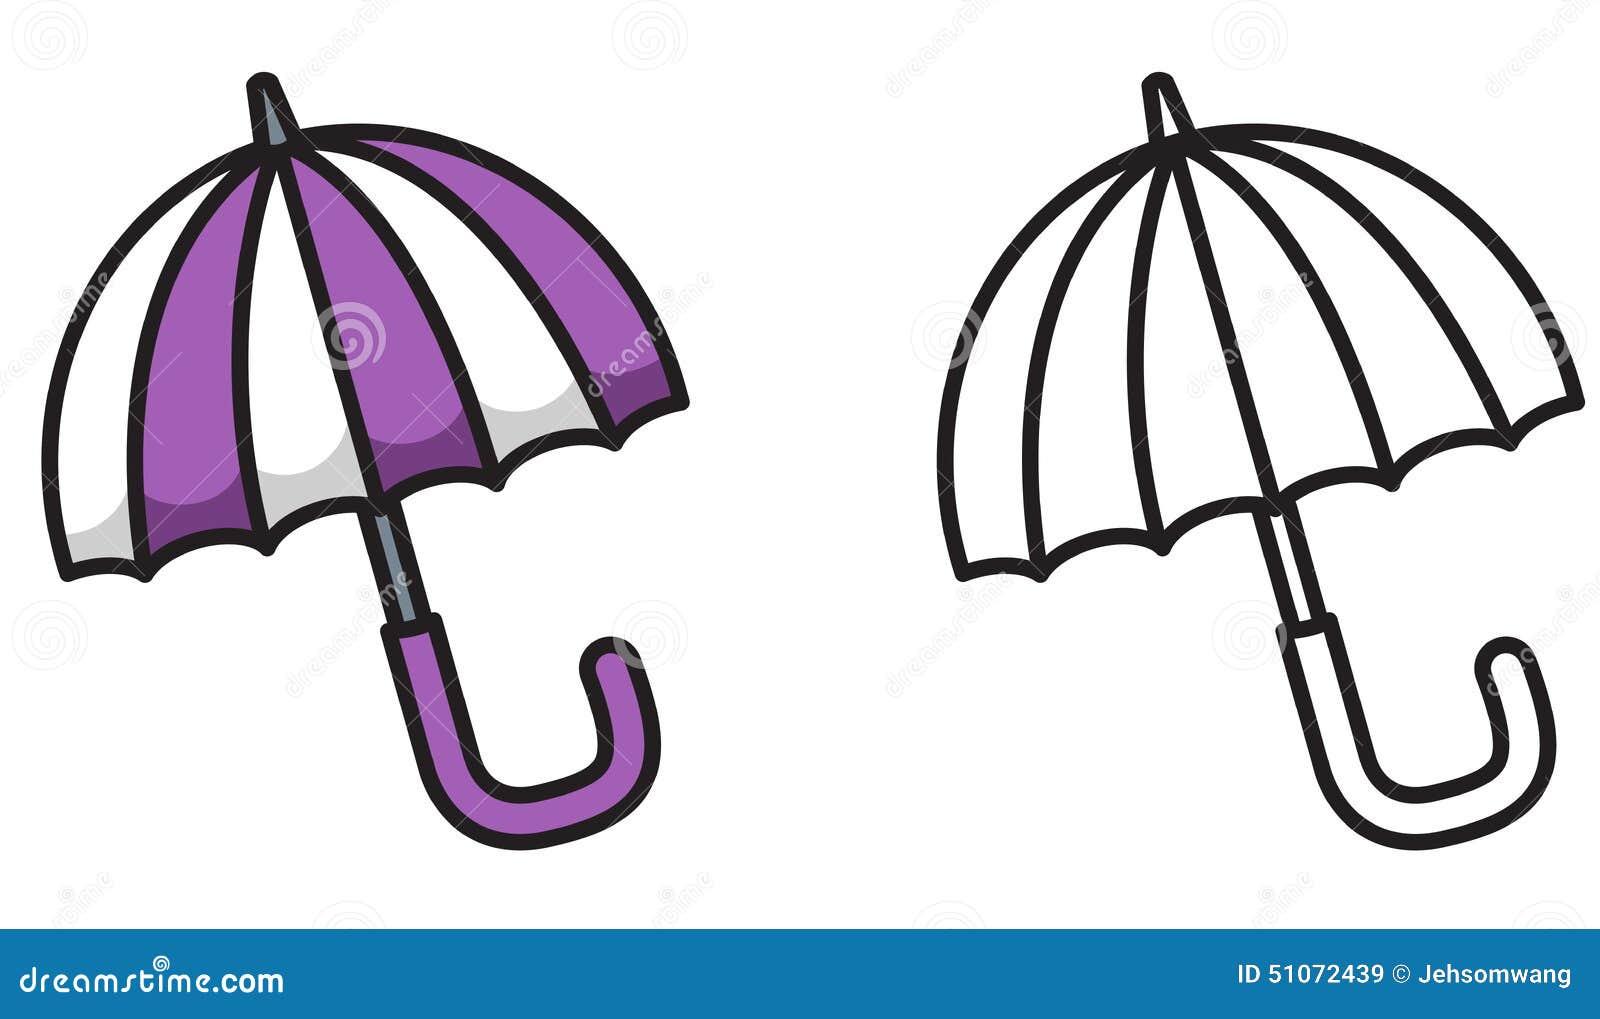 Parapluie color et noir et blanc pour livre de coloriage - Parapluie dessin ...